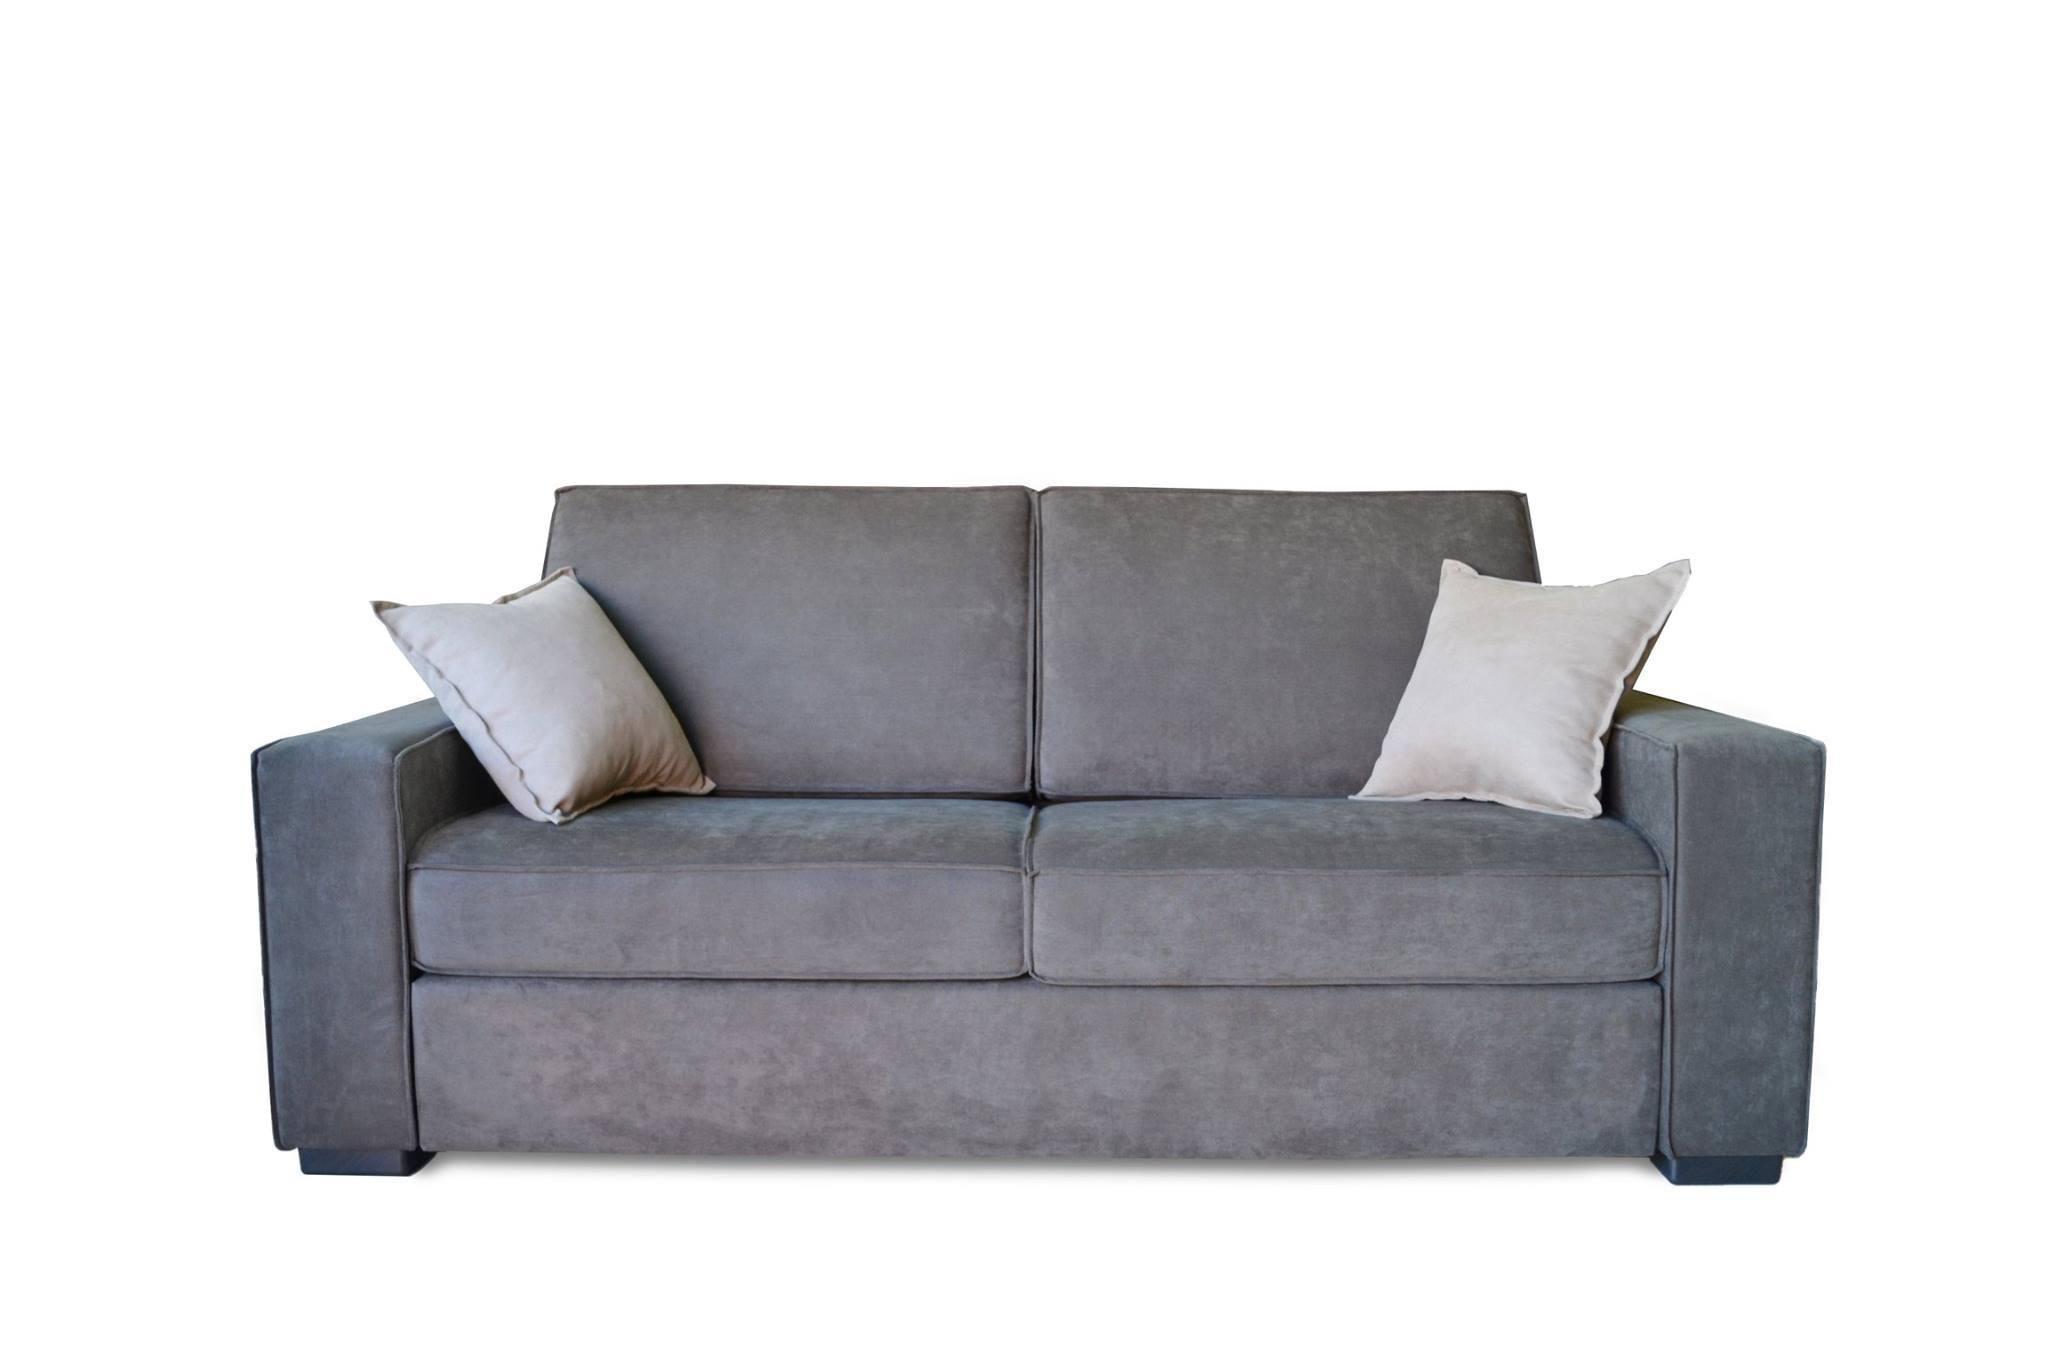 Consigli e suggerimenti per la scelta del divano sfoderabile - Divano artigiano milano ...